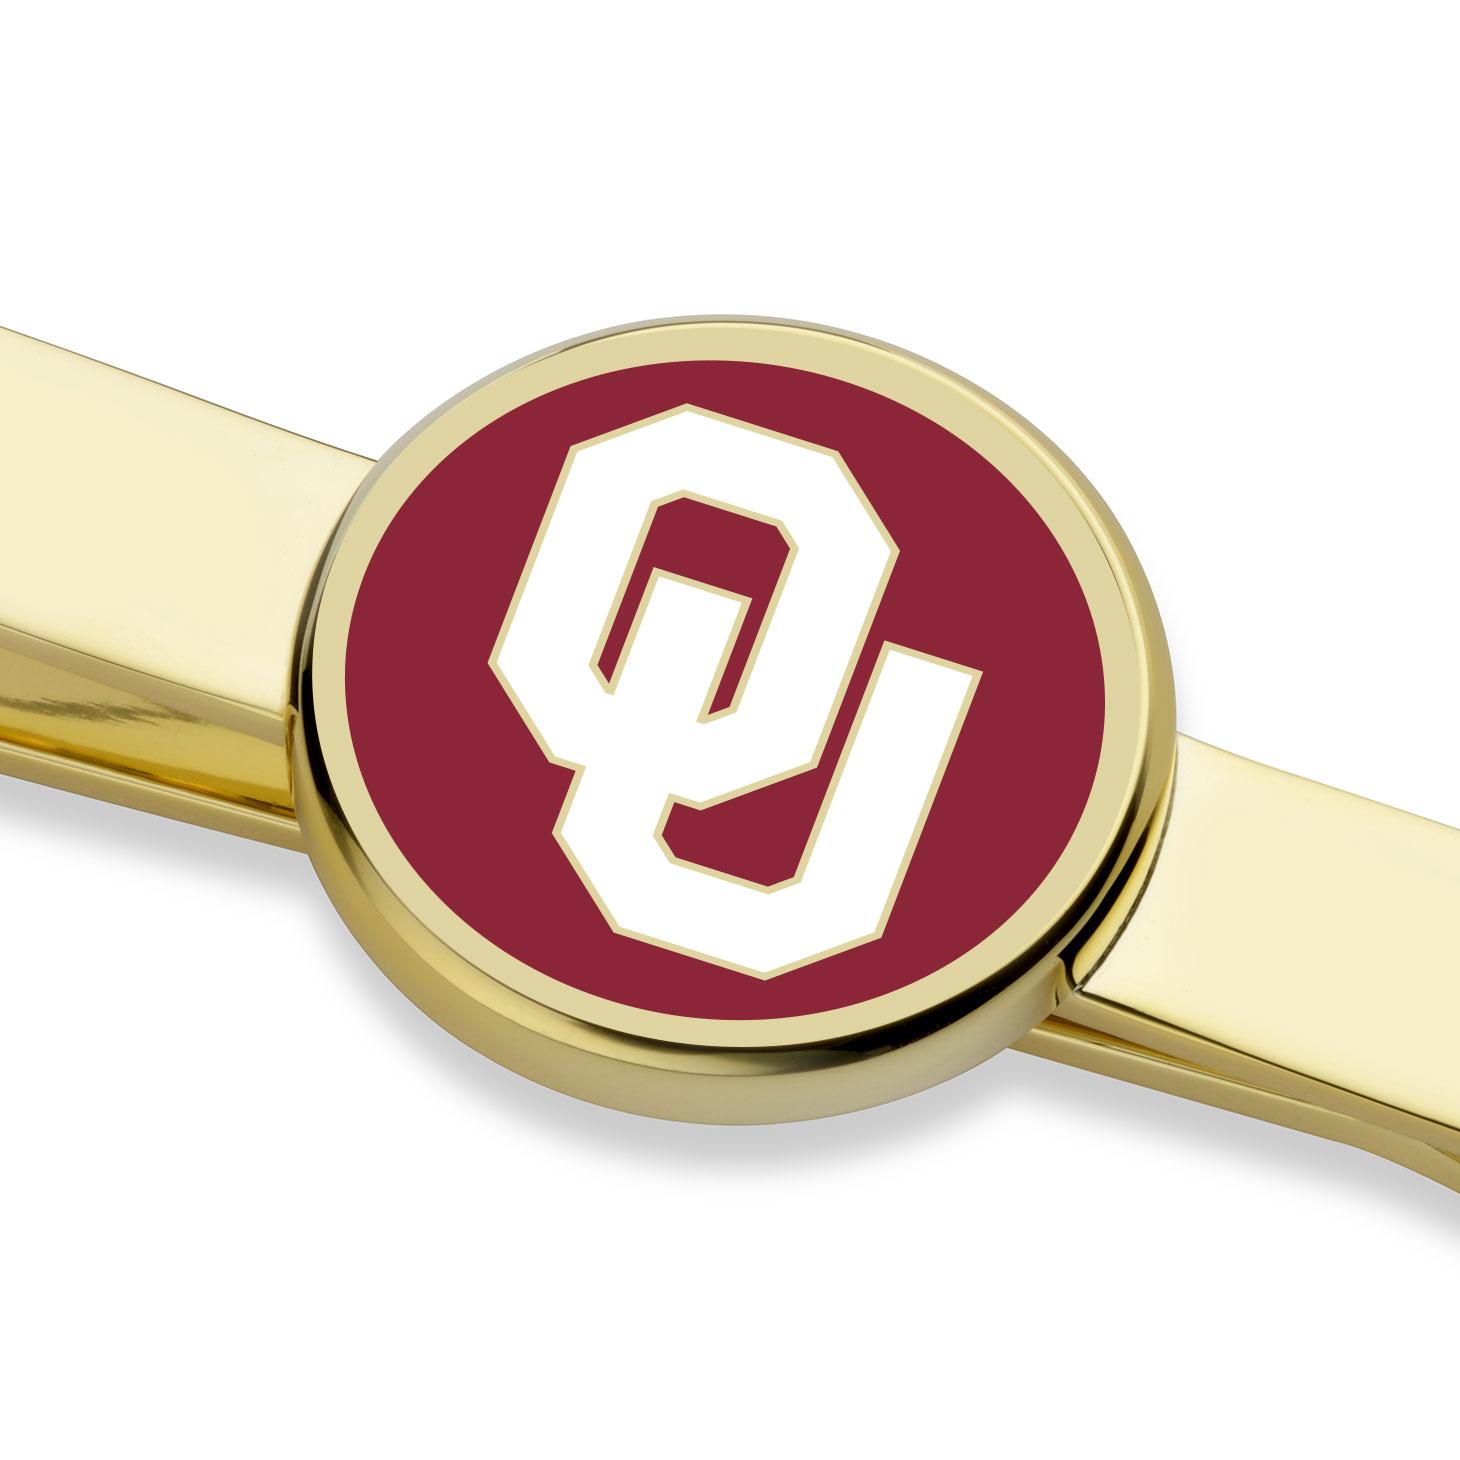 Oklahoma Tie Clip - Image 3